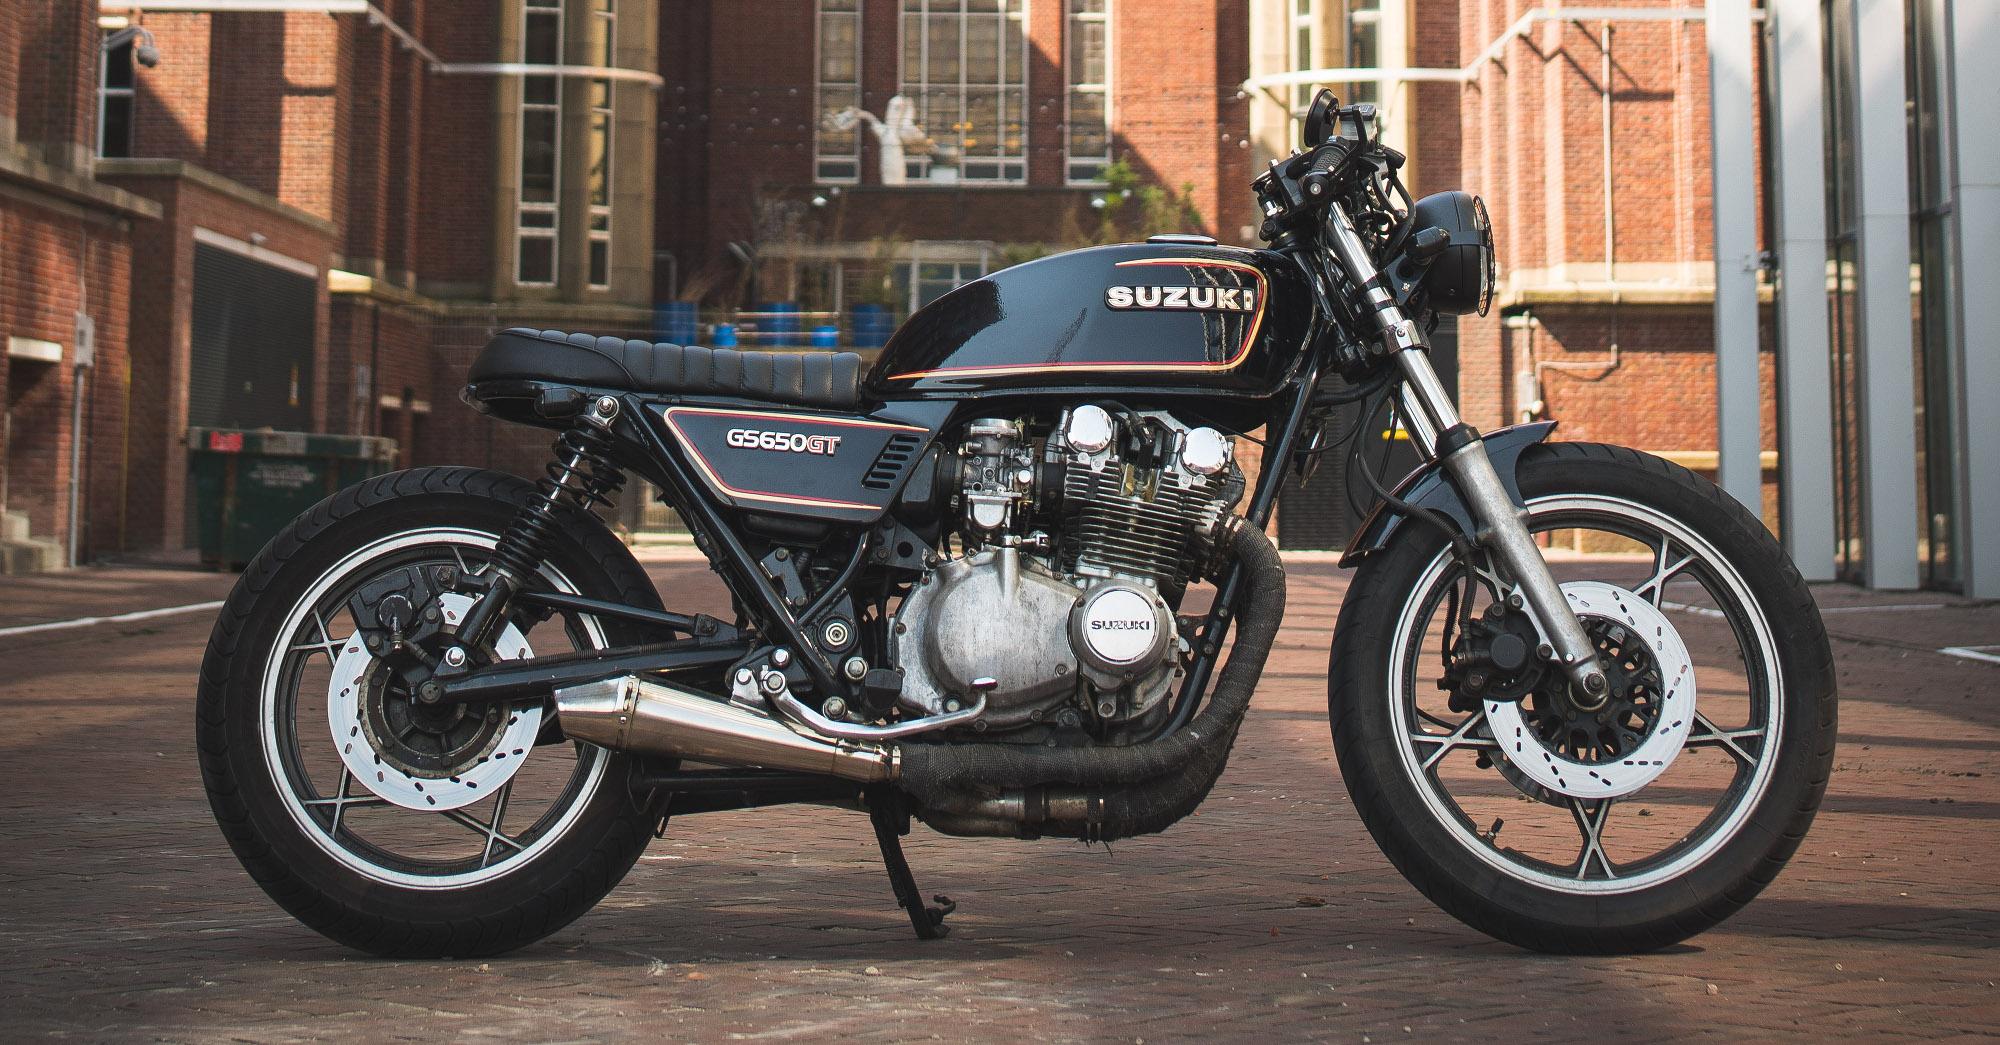 suzuki gs650gt custom by esther schuijt \u2013 bikebound 1979 Suzuki Motorcycle Parts